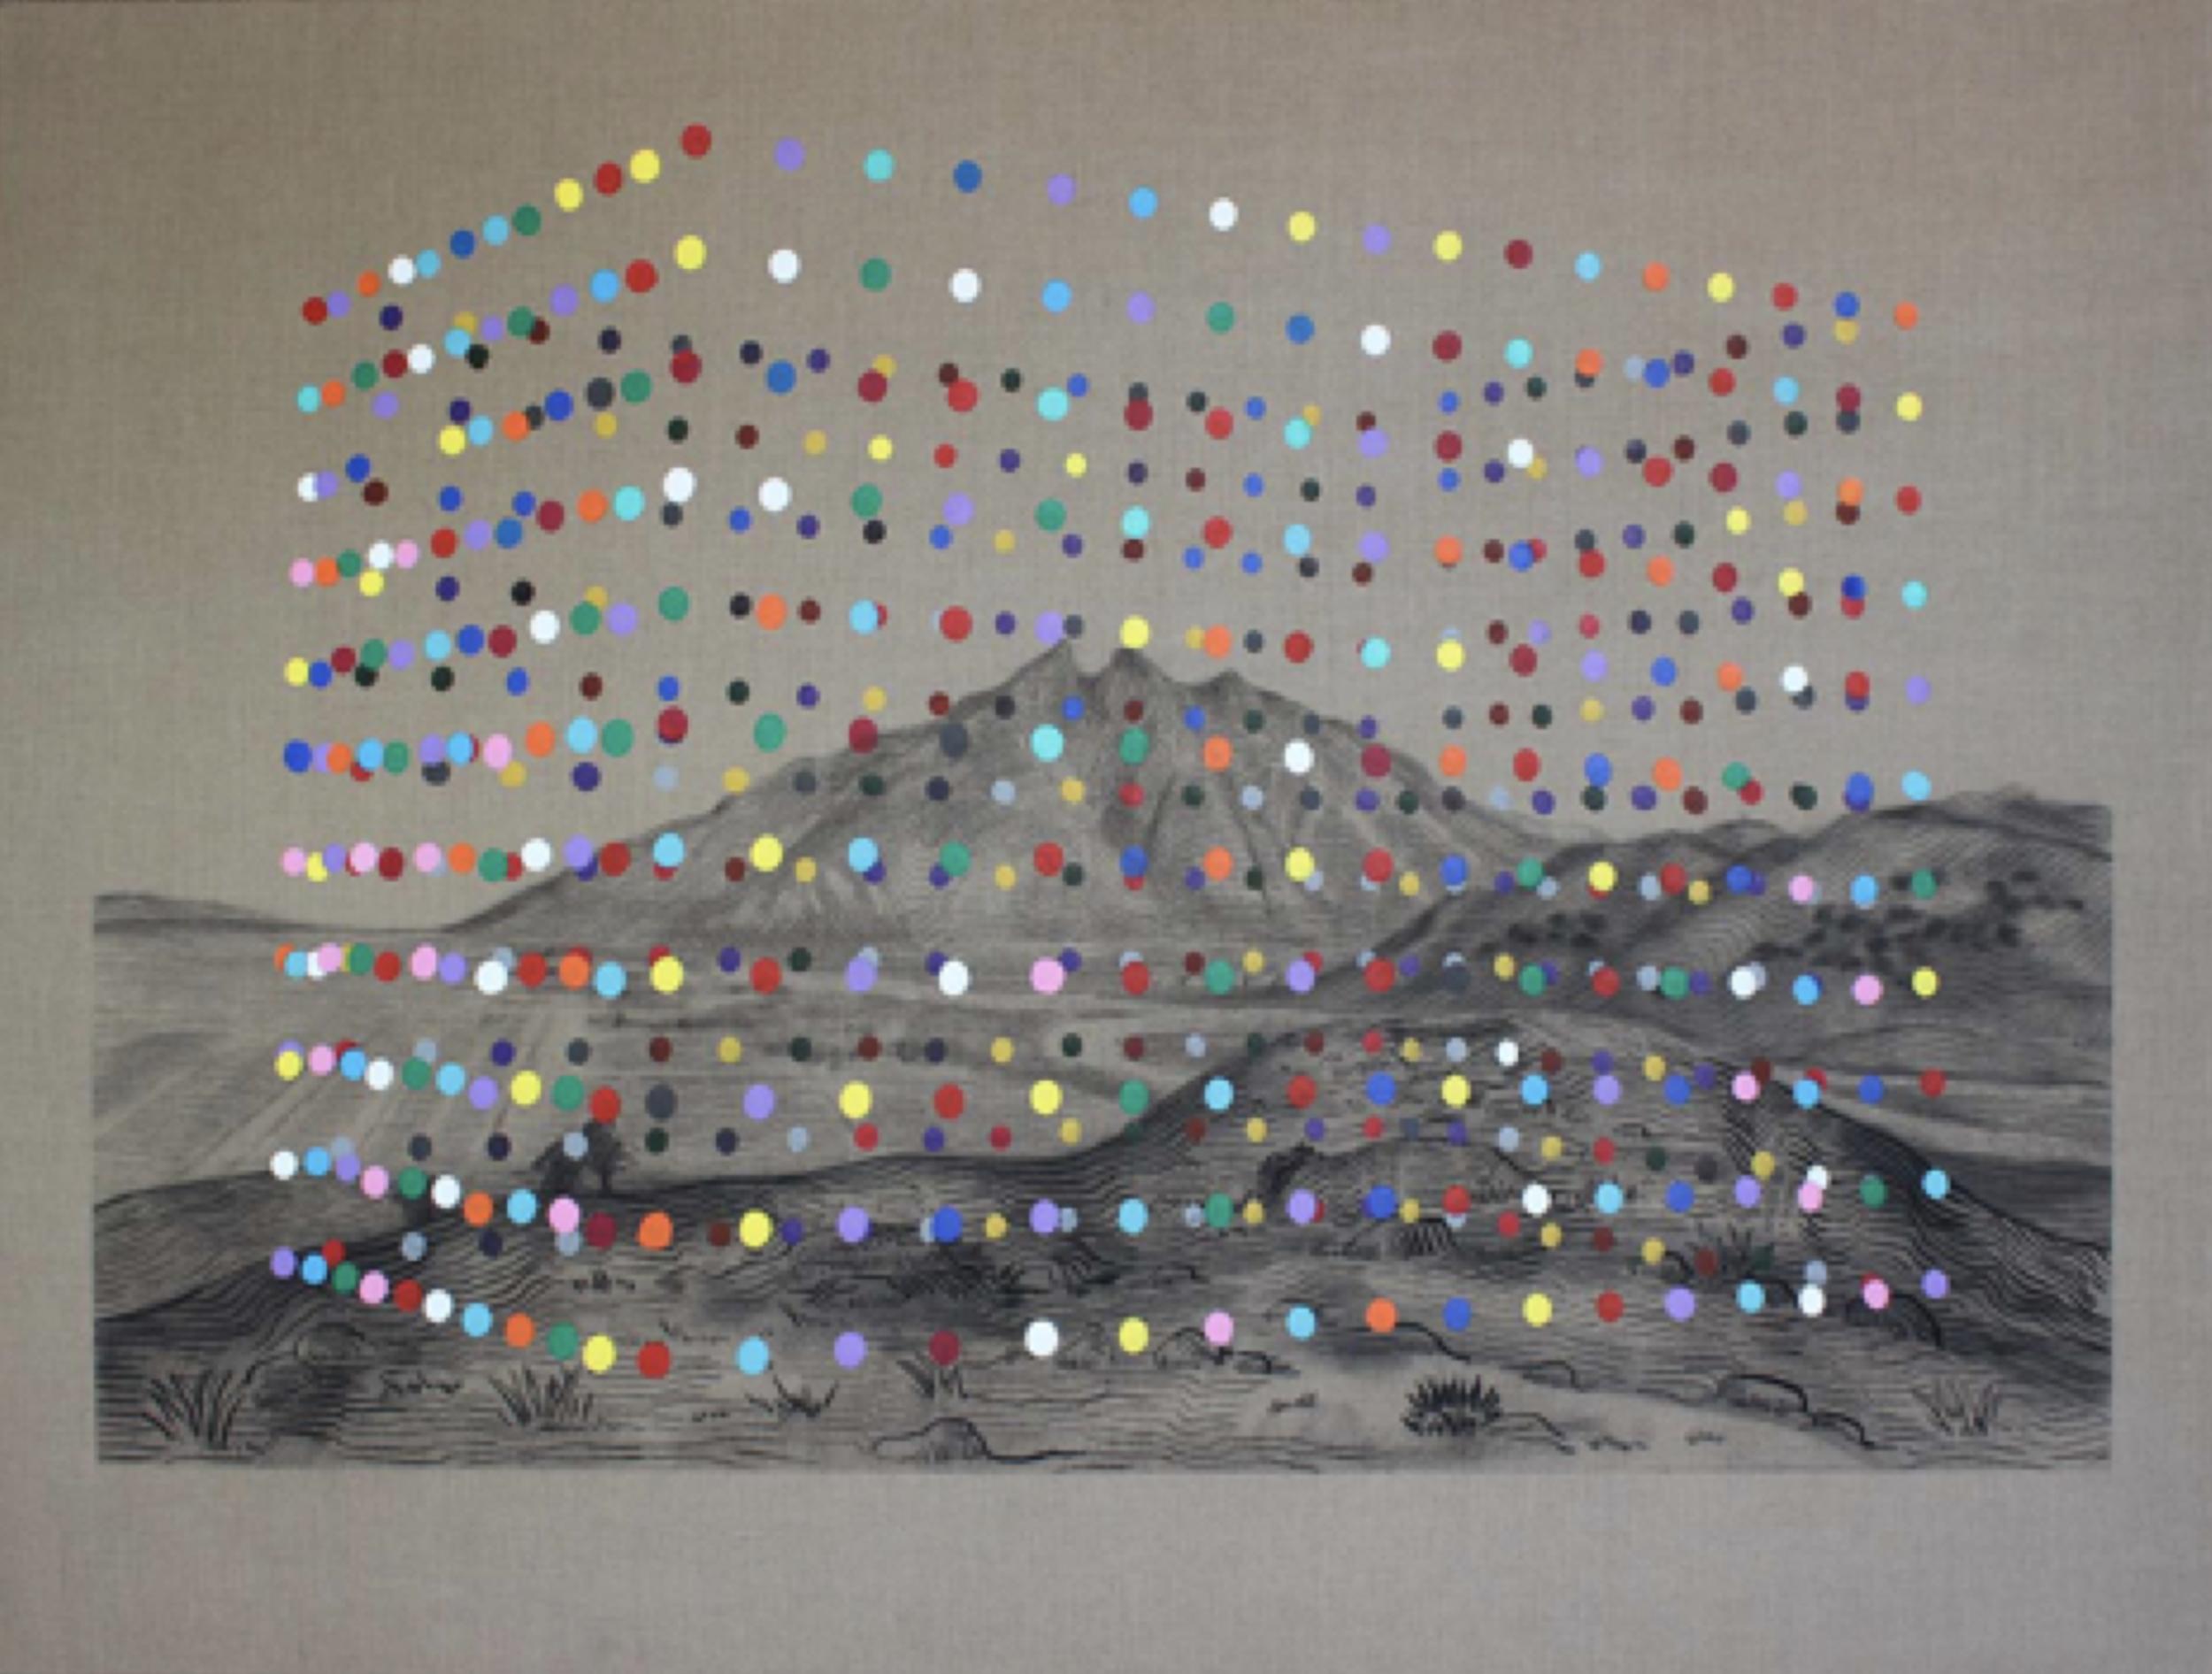 """Título:  """"Orden"""", 2017   Autor:  Alejandro Pintado  Técnica:  Carbón acrílico sobre lino crudo   Medidas:  150 x 200 cm"""